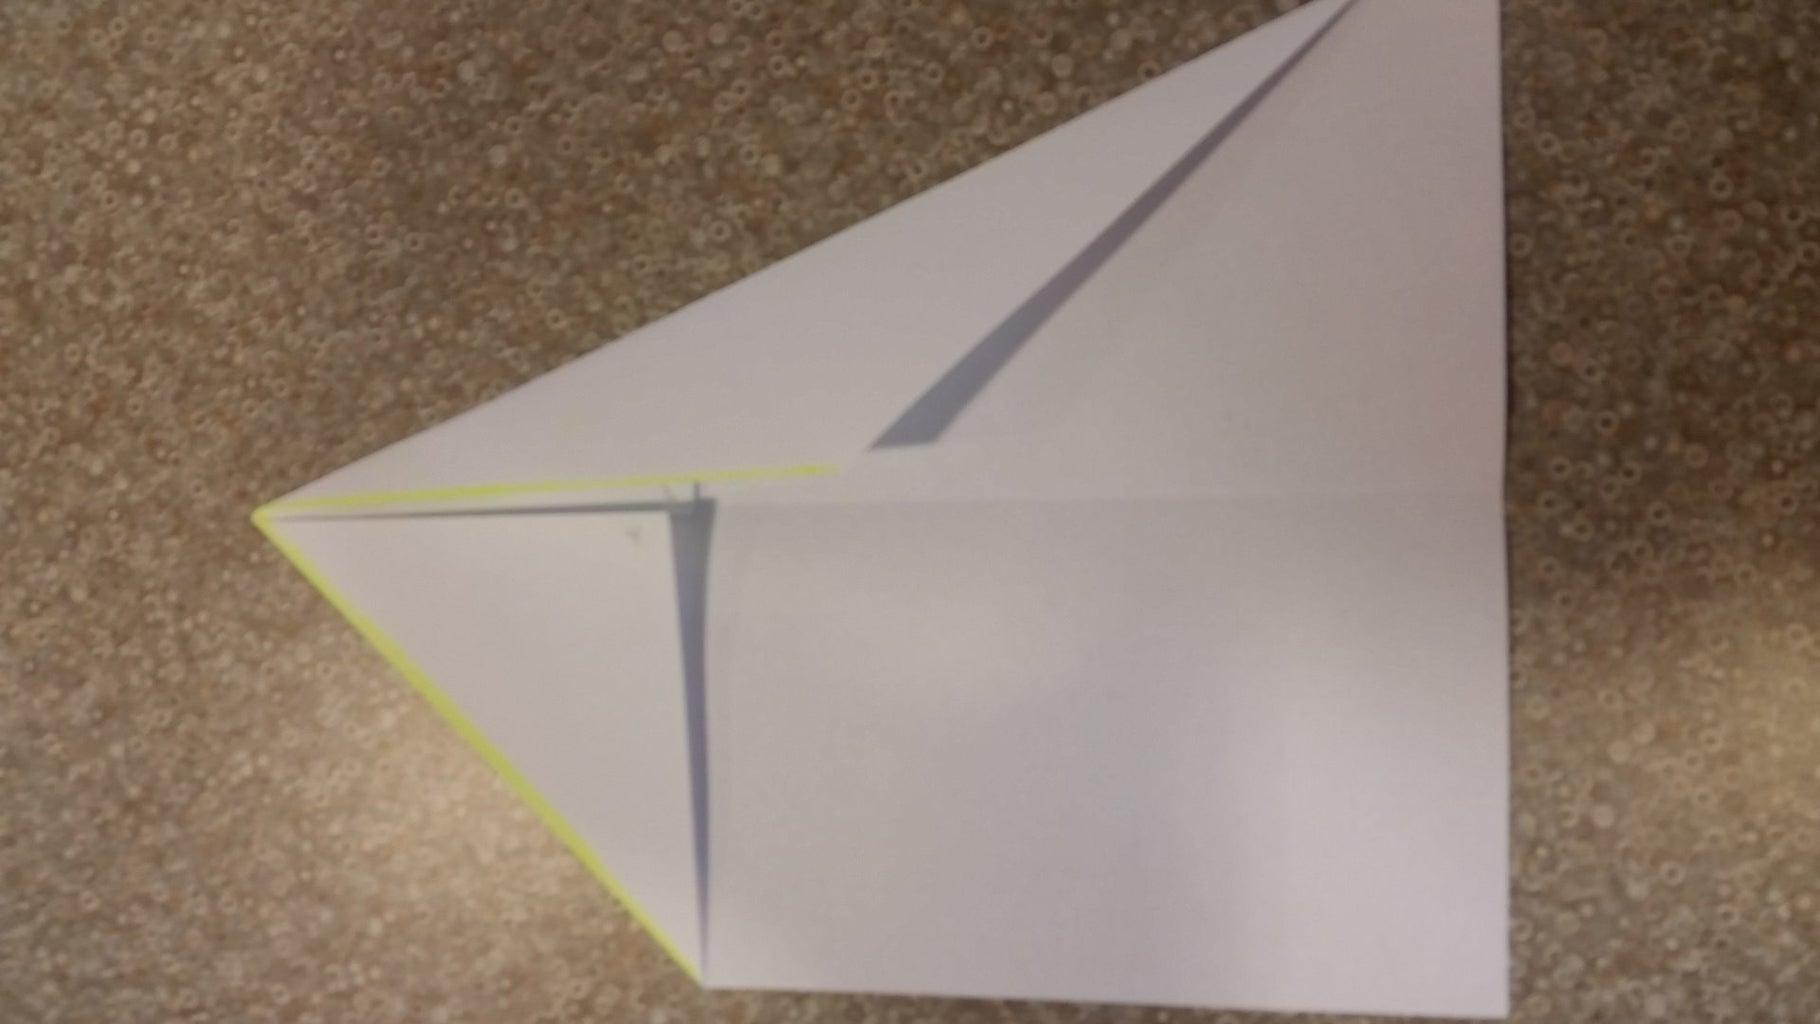 Fold Sides